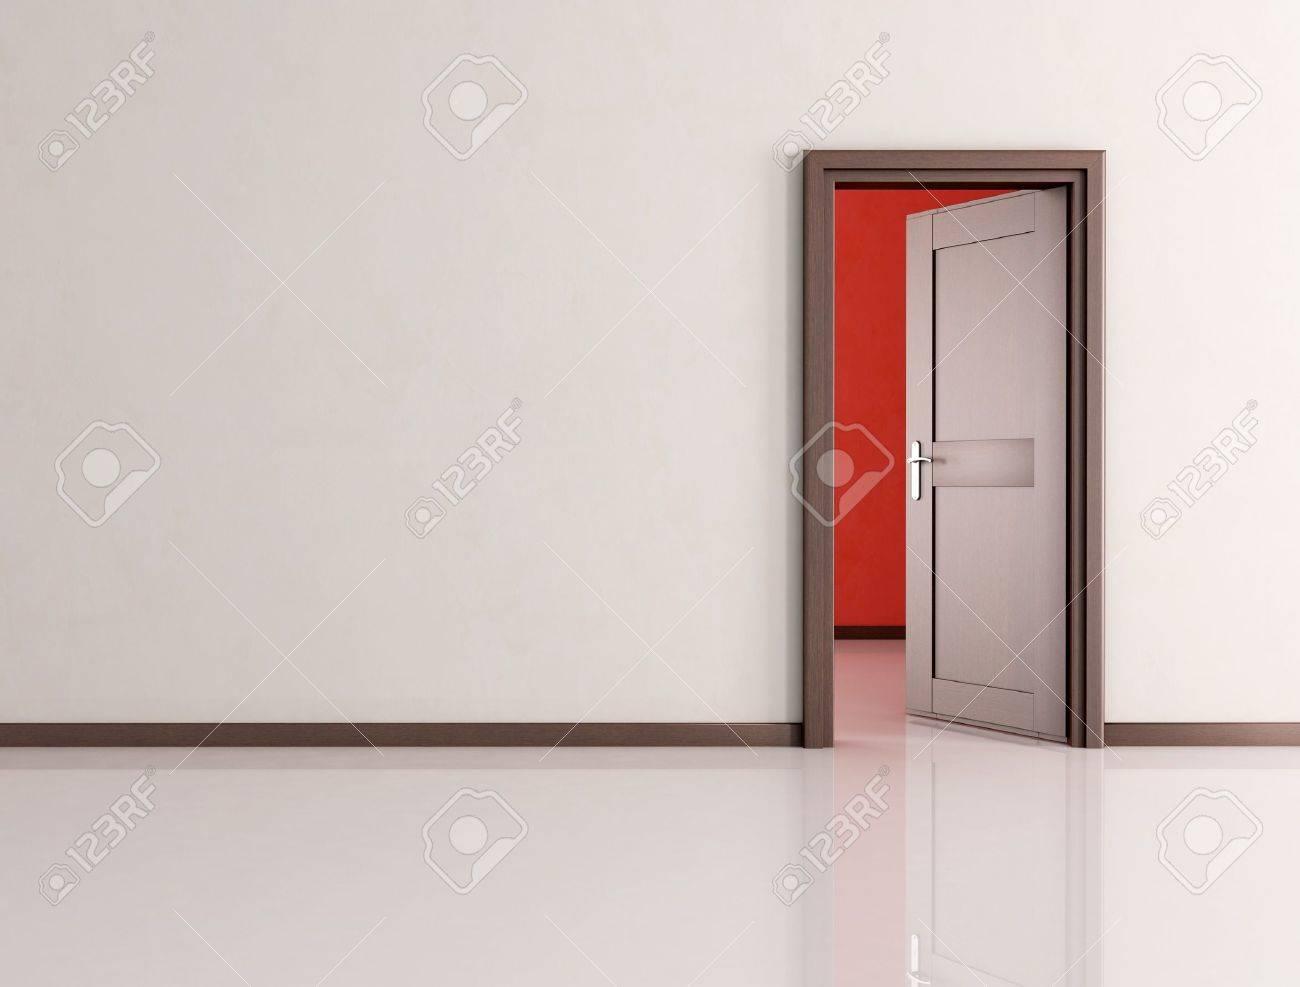 Blanc chambre vide avec open en bois porte   rendu banque d'images ...